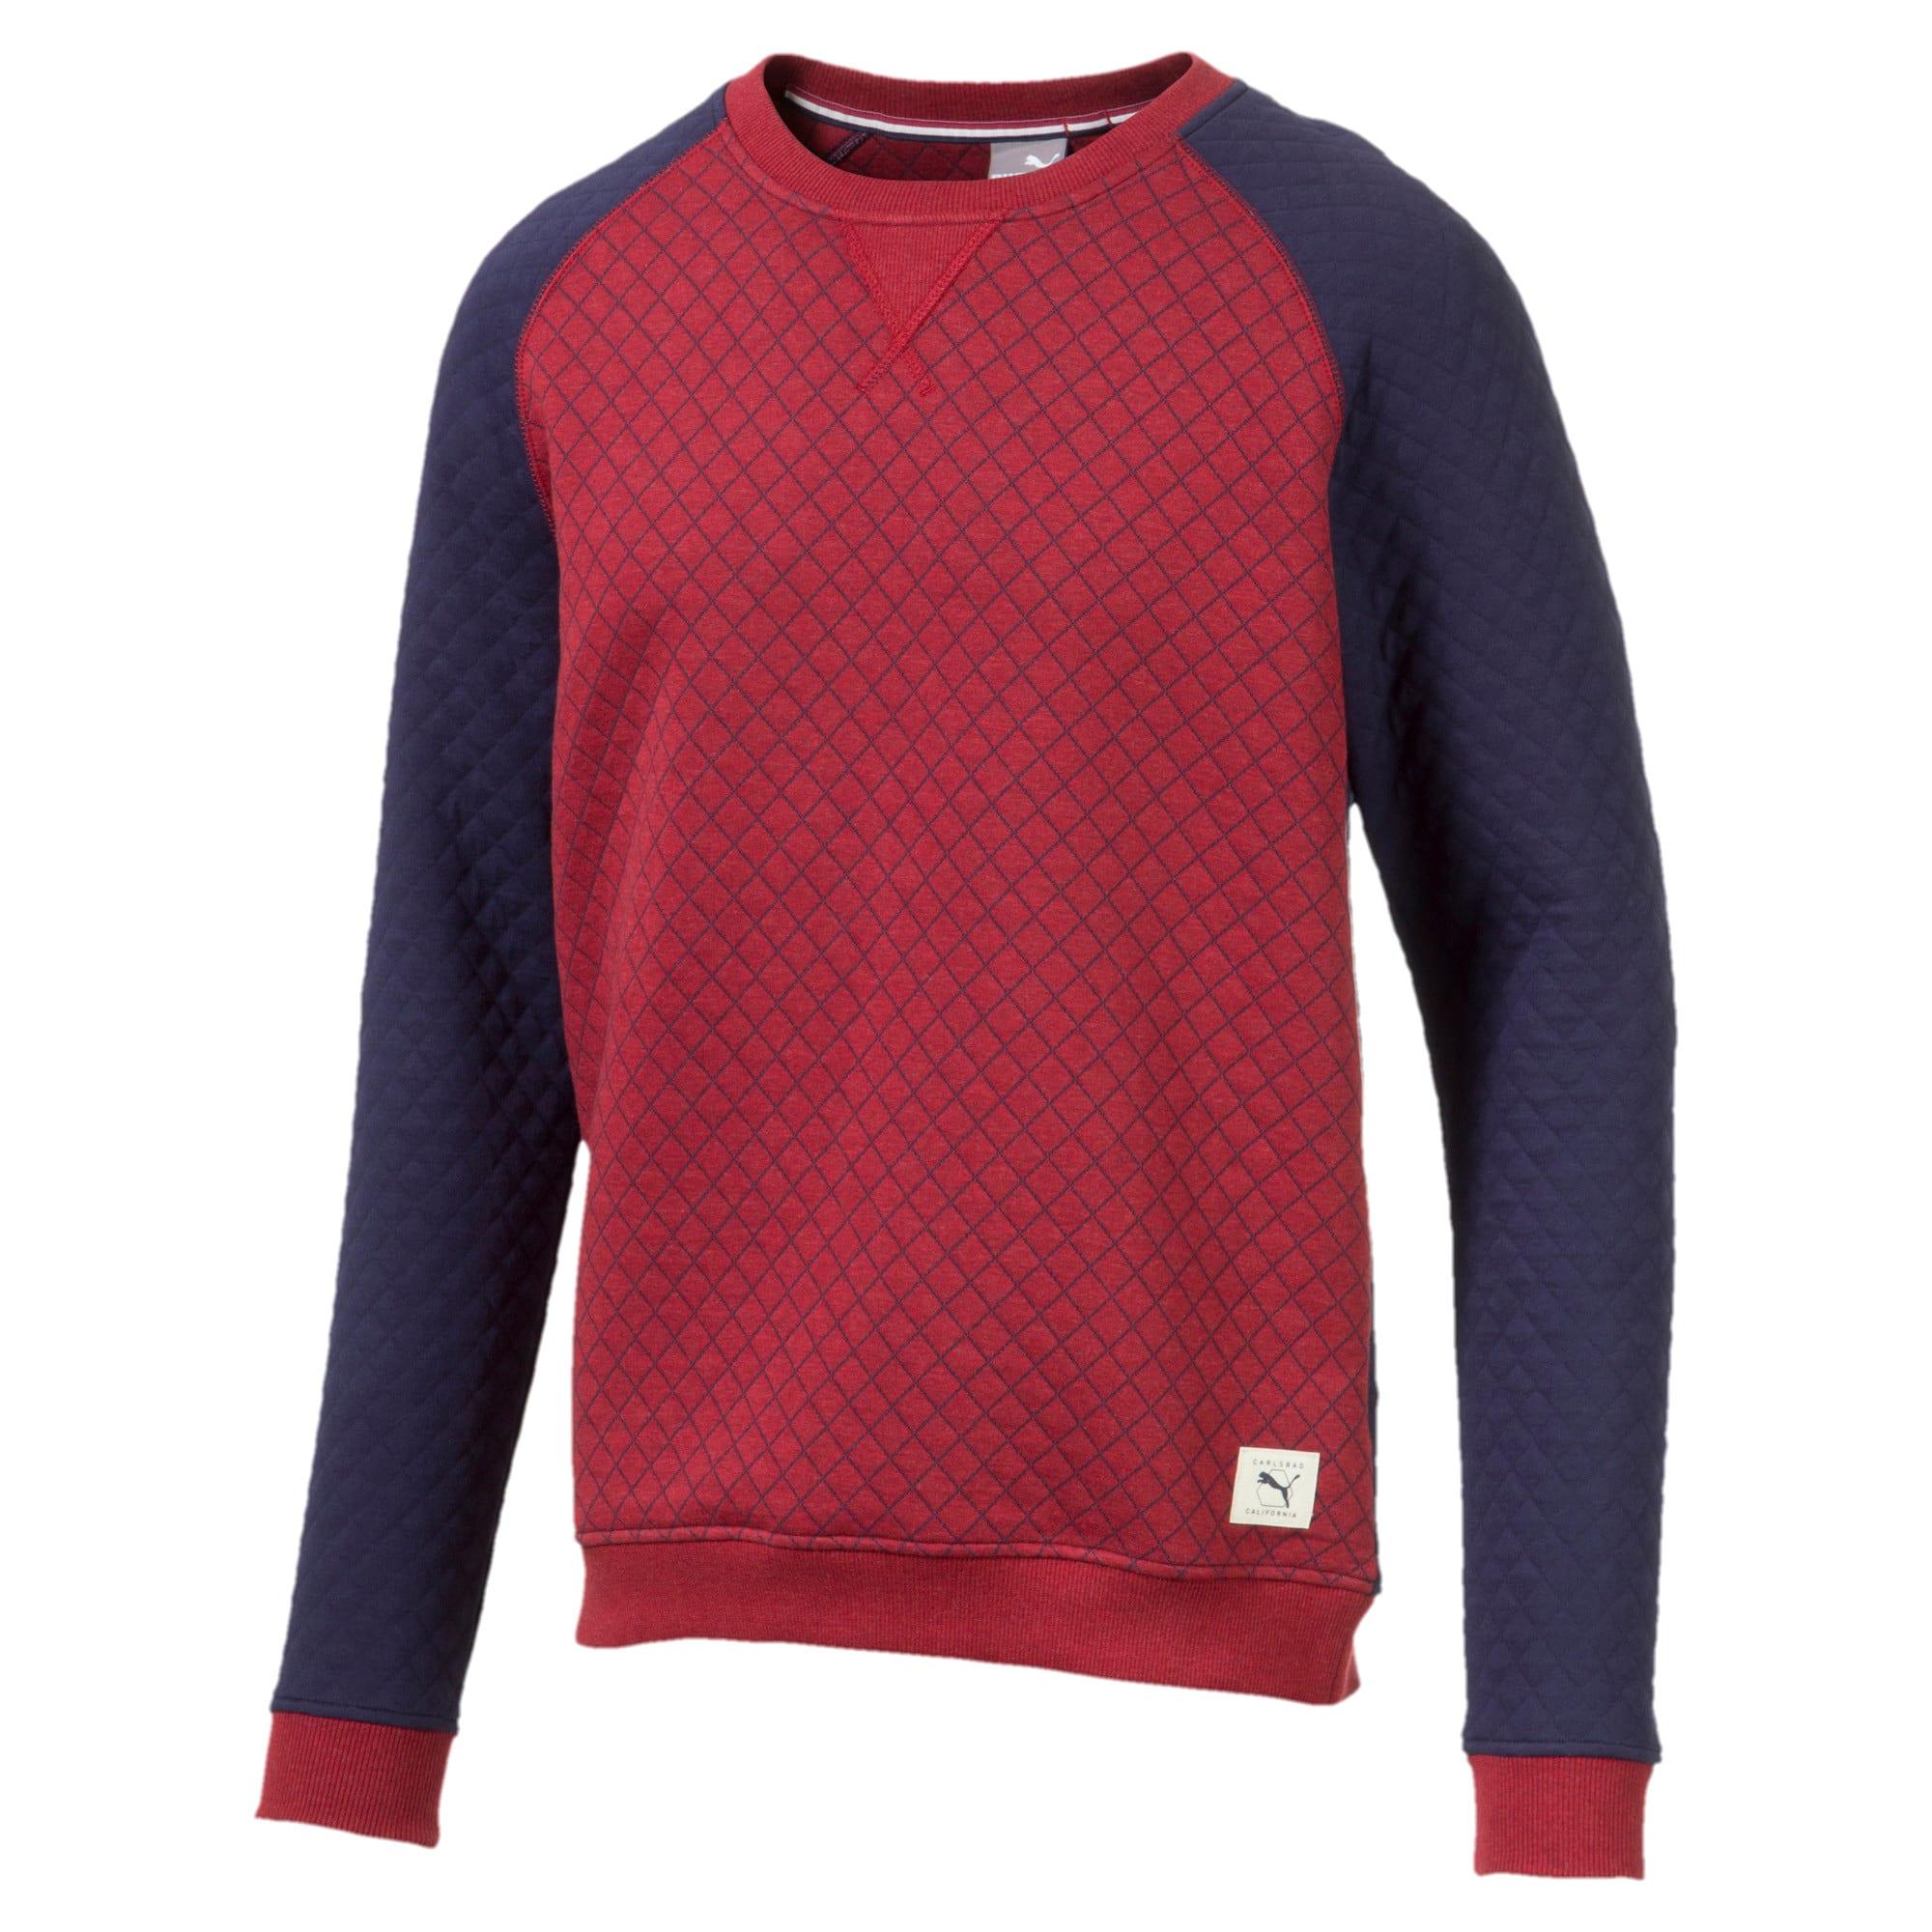 Thumbnail 5 of Doorgestikte golfsweater voor heren, Rhubarb Heather, medium